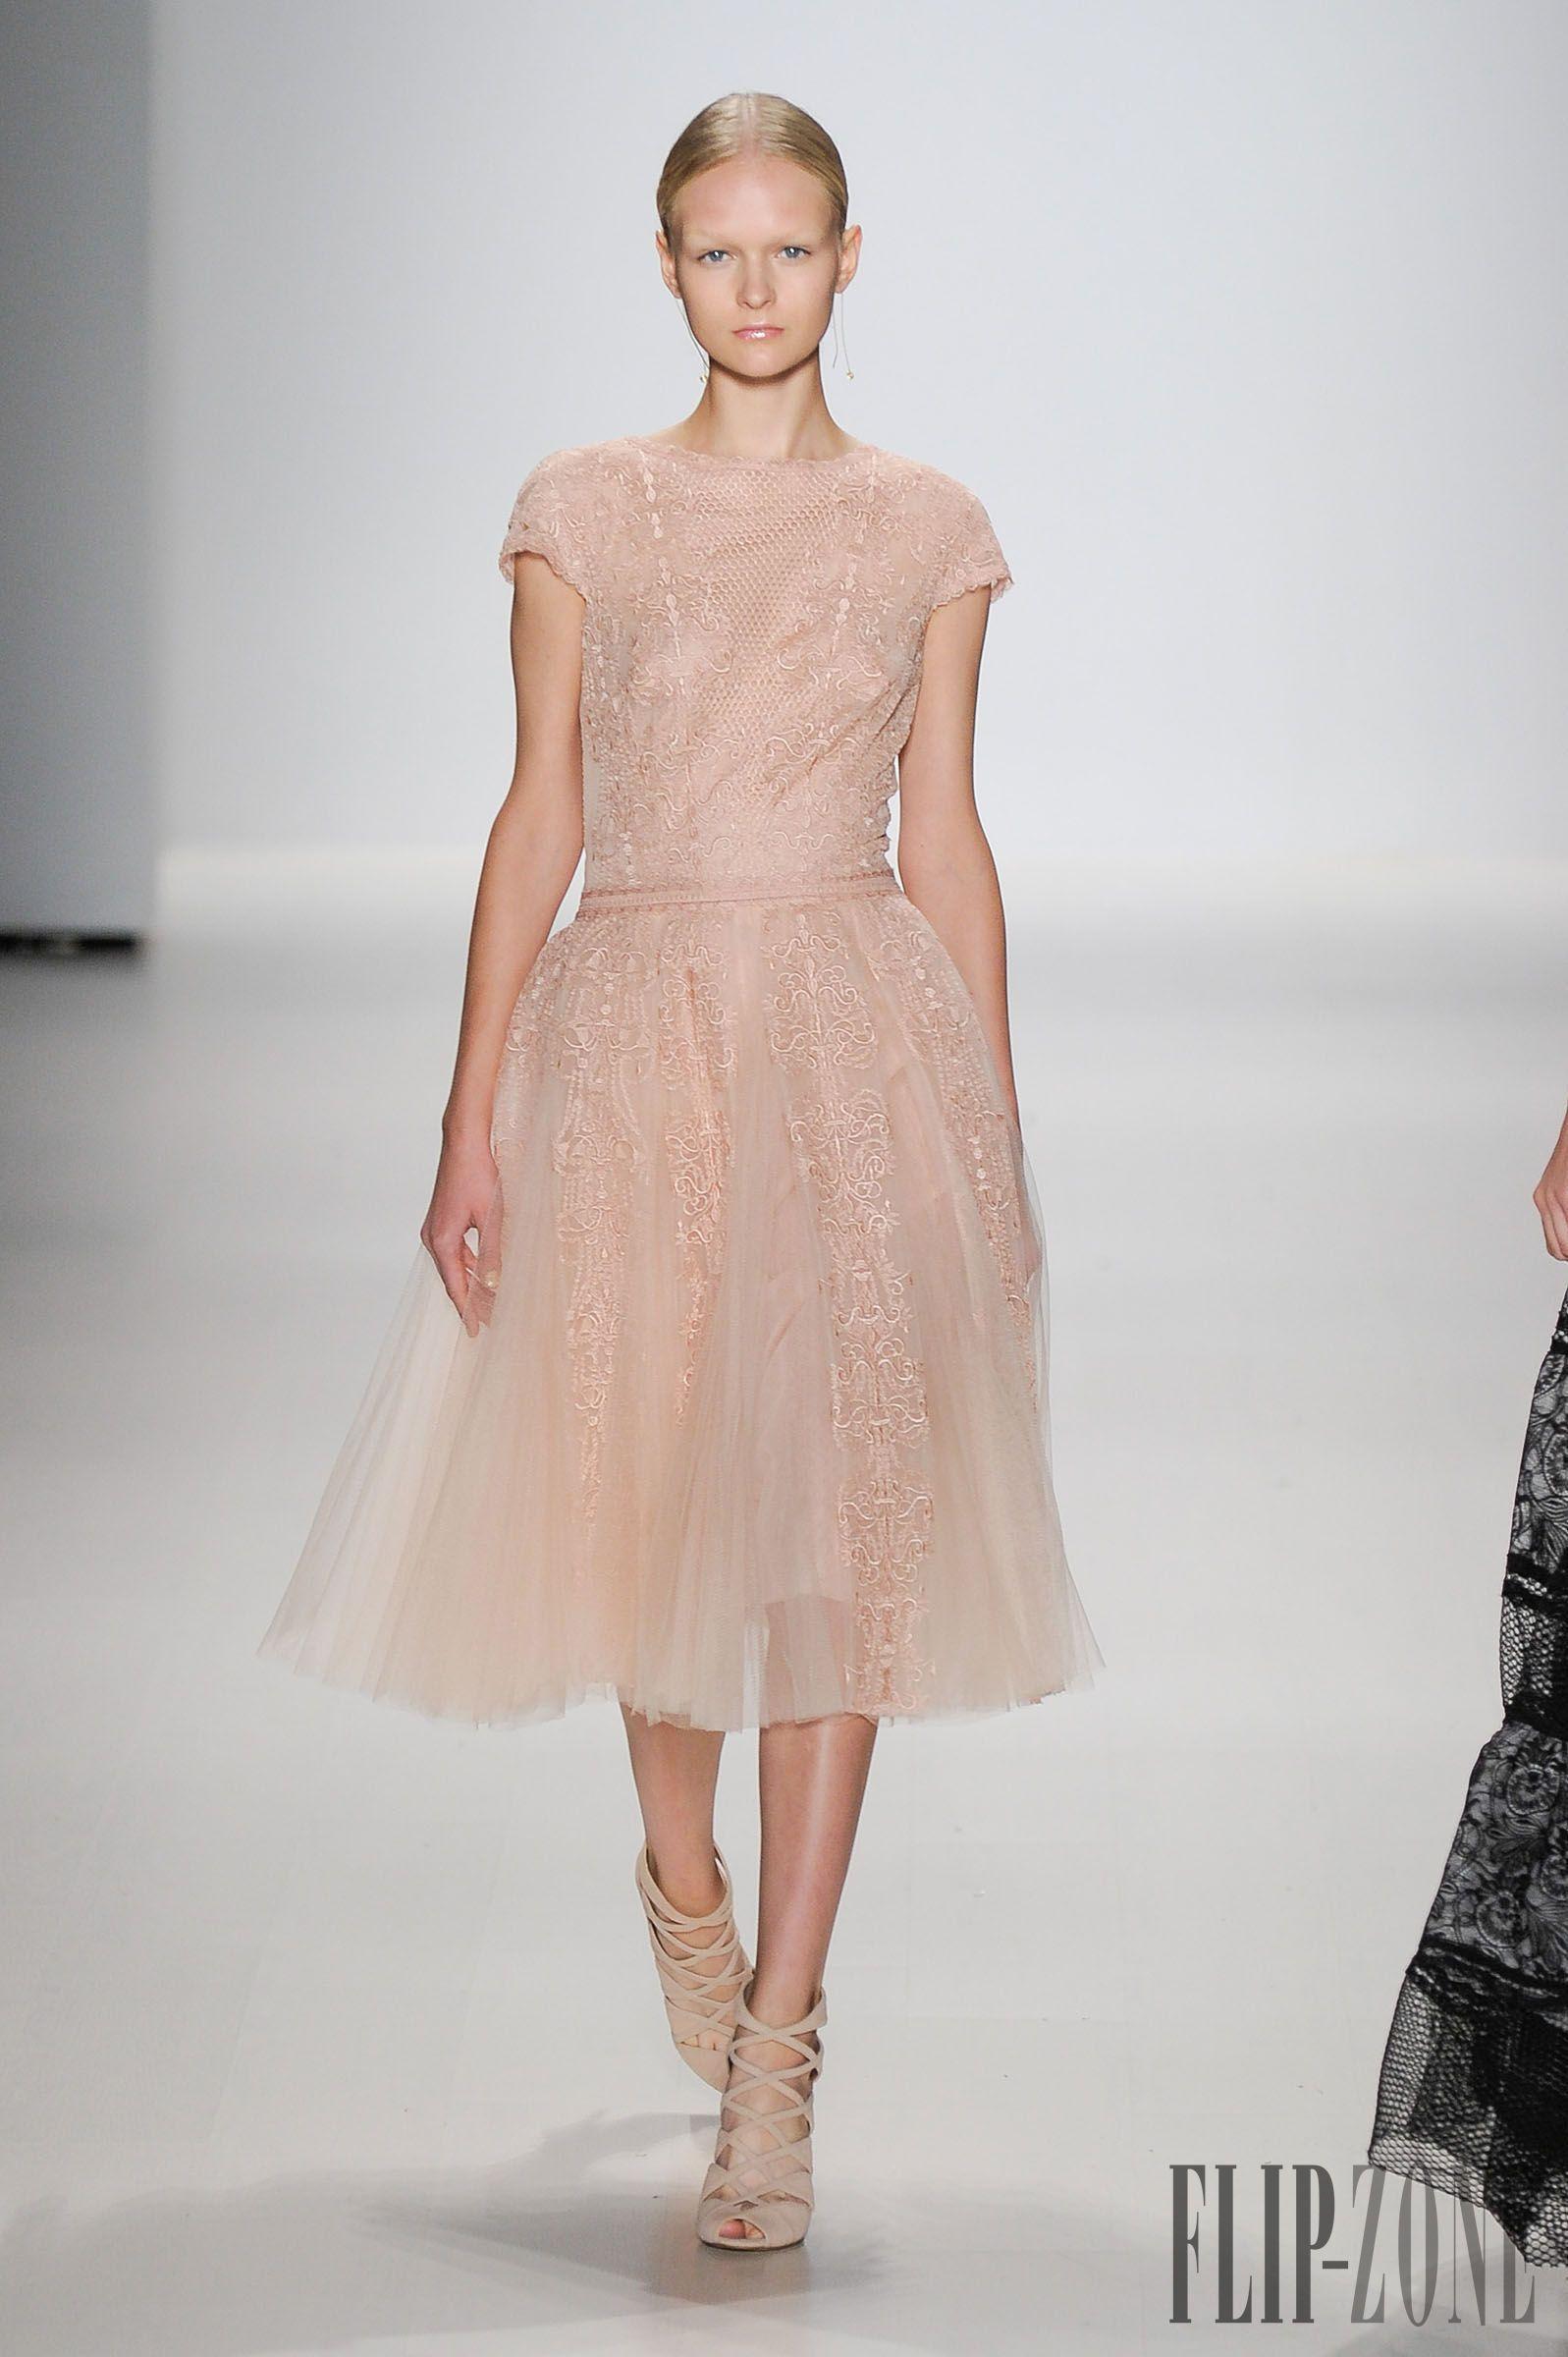 Tadashi Shoji Spring-summer 2015 - Ready-to-Wear - http://www.flip-zone.net/fashion/ready-to-wear/fashion-houses-42/tadashi-shoji-4857